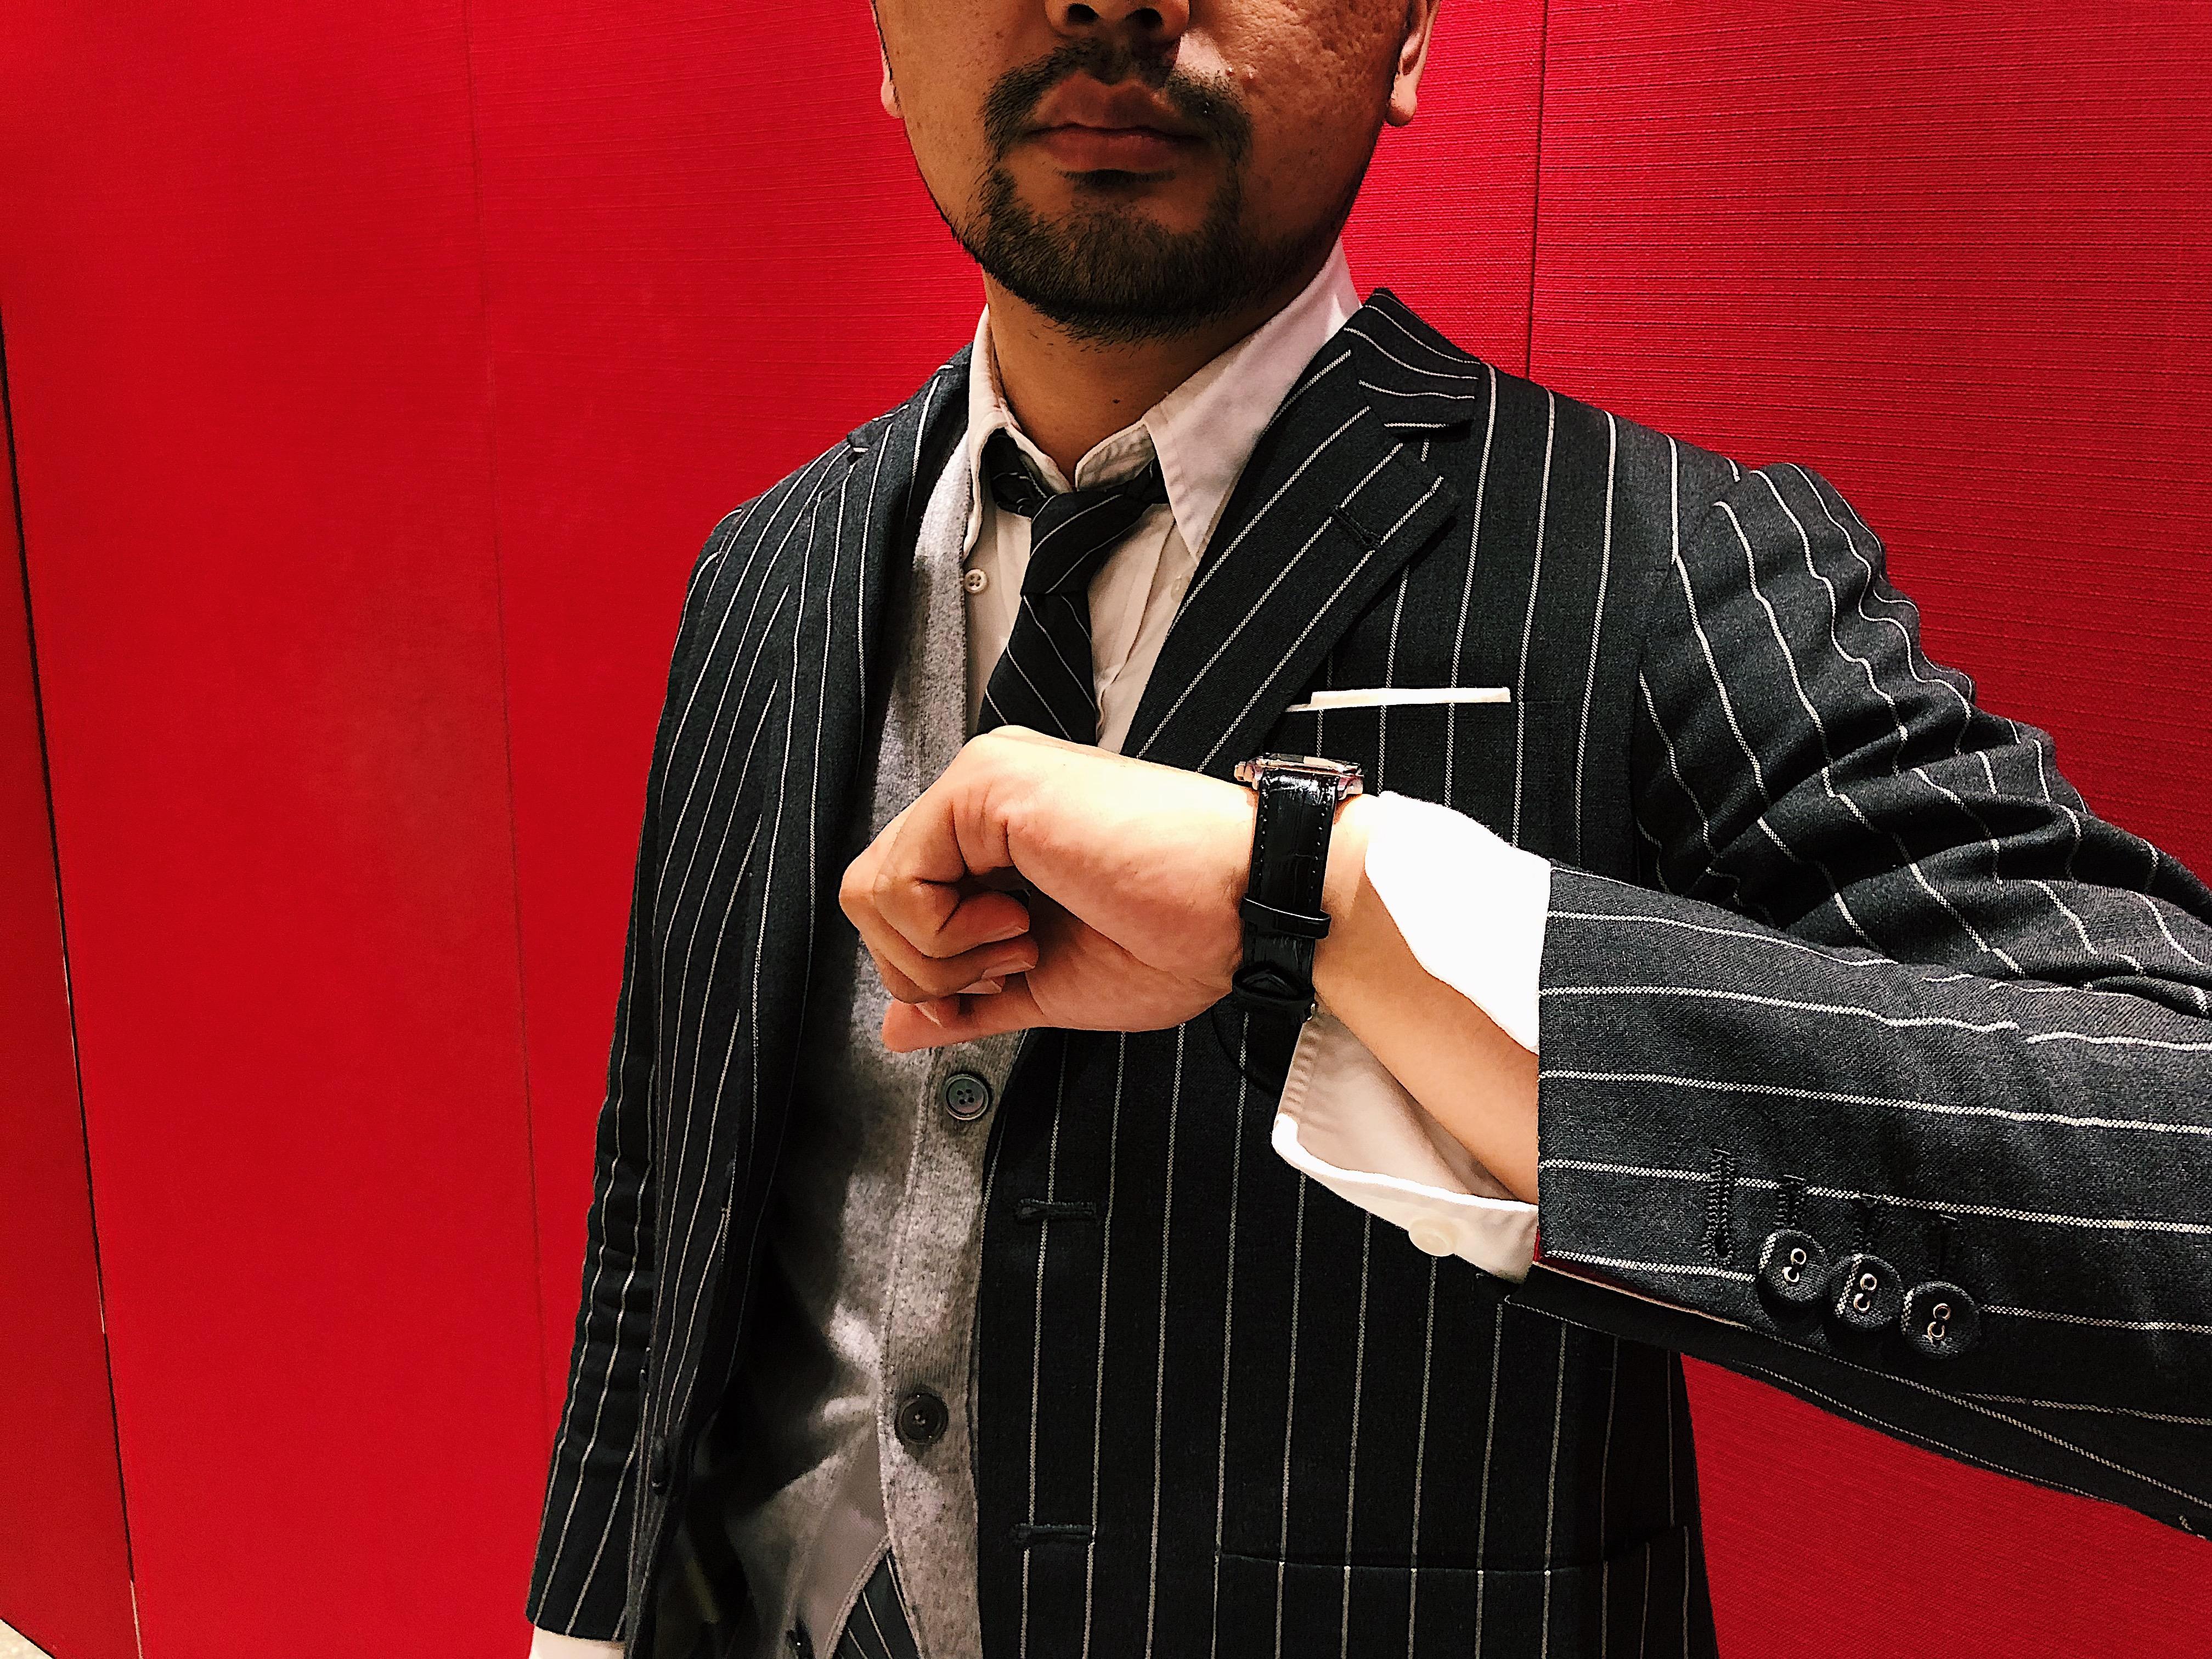 為了合身,每件西裝跟襯衫Juwon 都會改短1又1/2吋